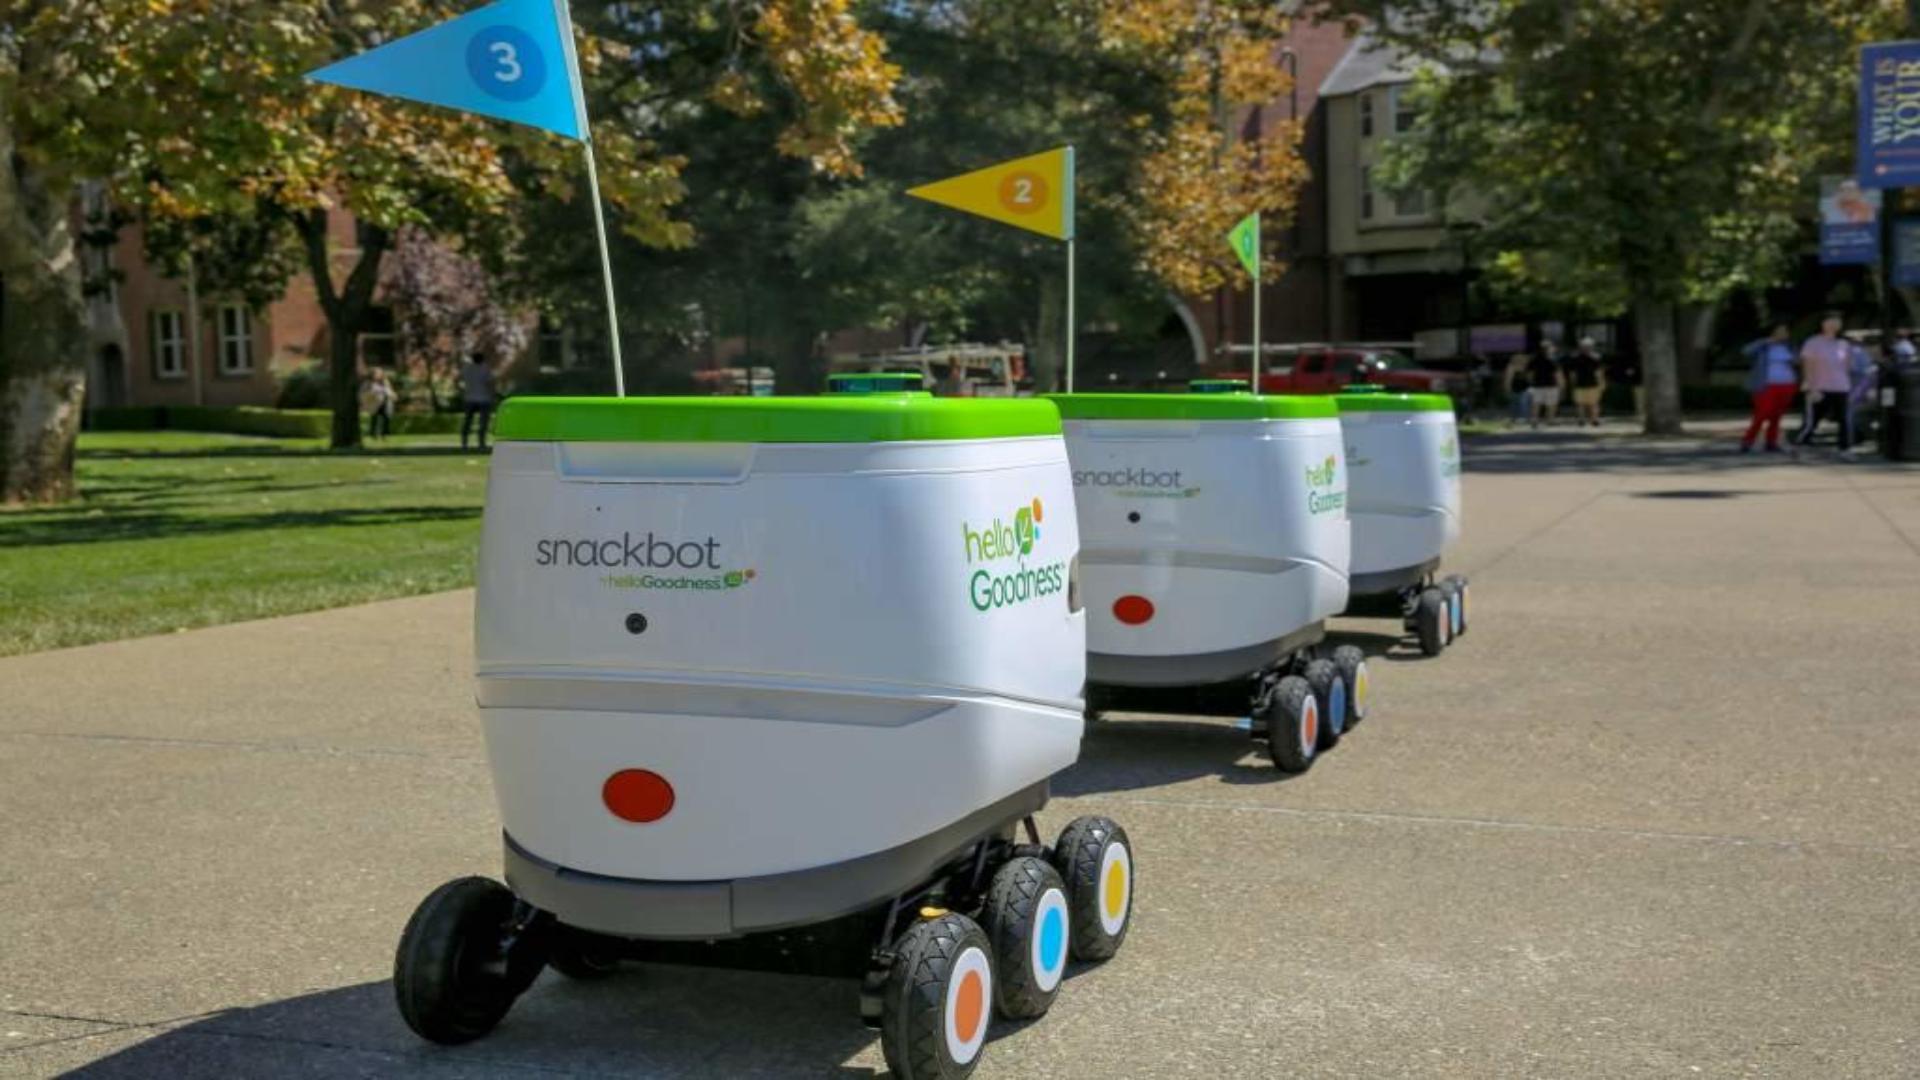 Los robots llevan snacks saludables a lo largo del campus (Foto: PepsiCo)